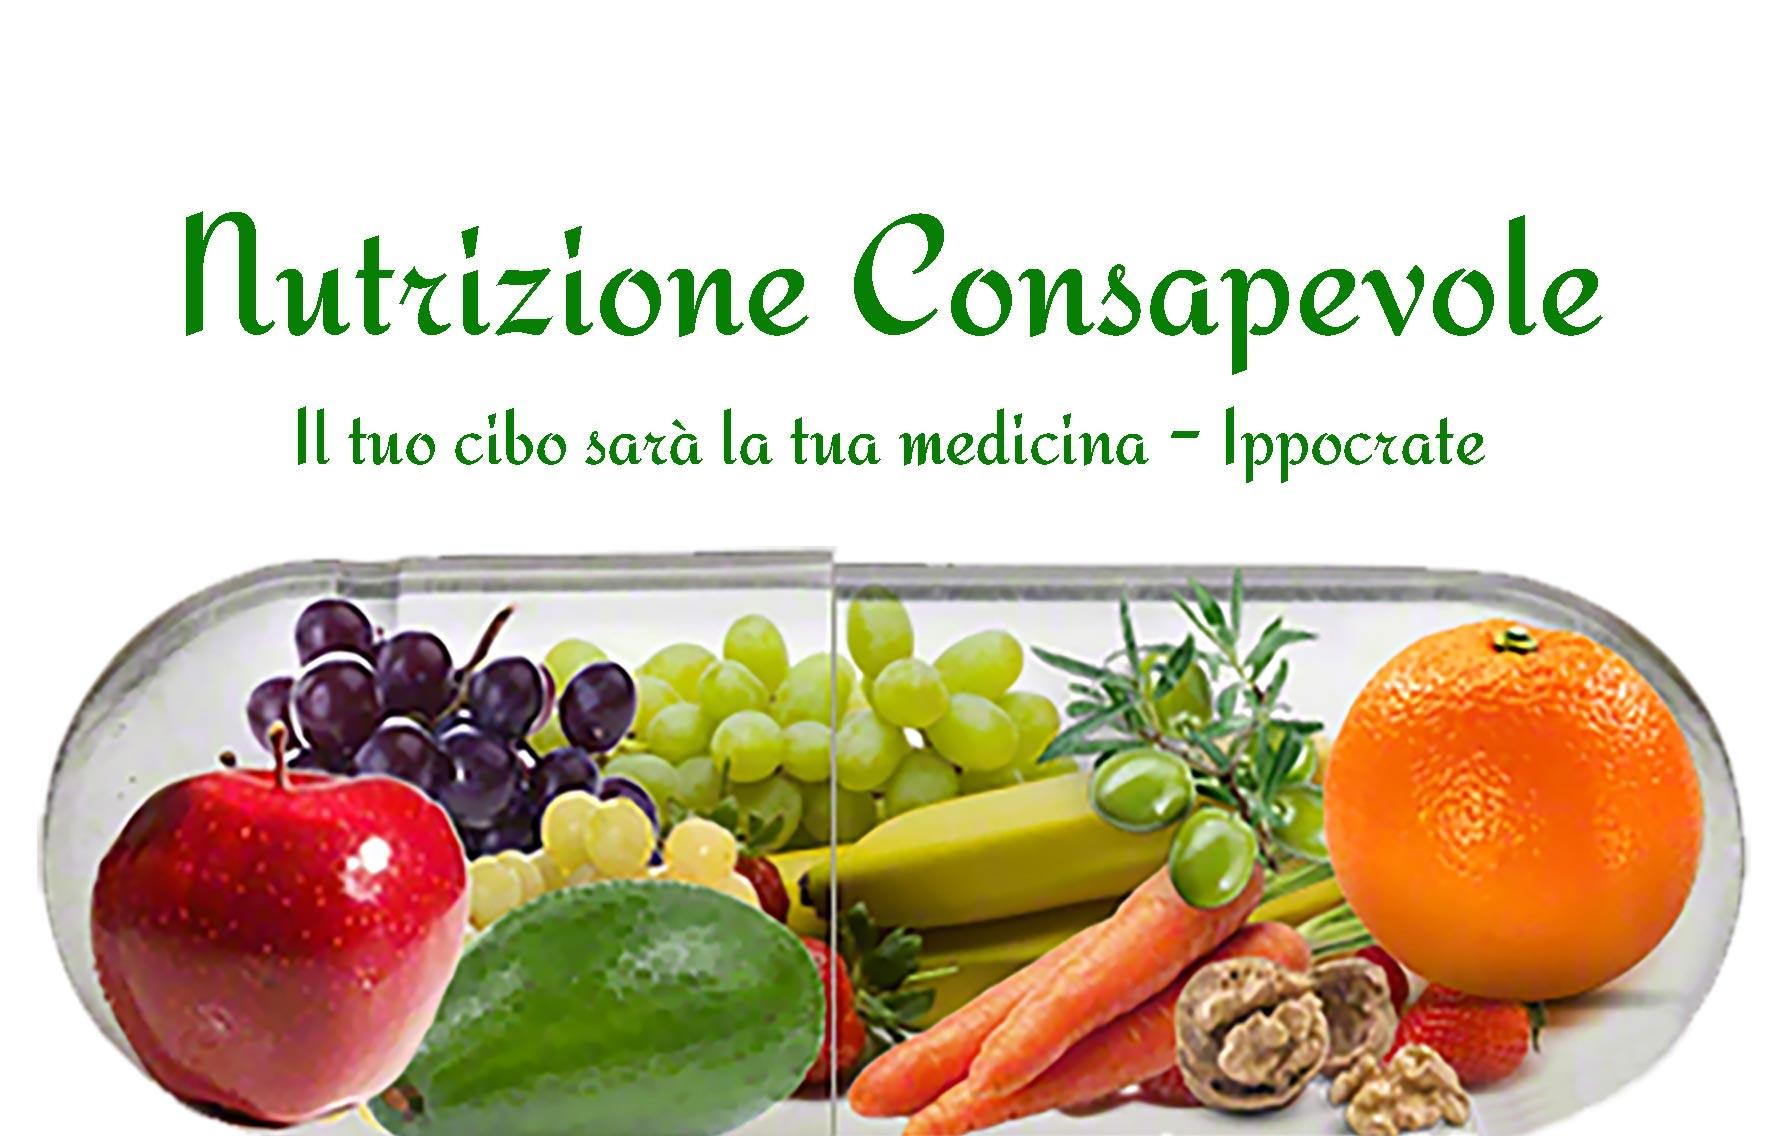 Nutrizione Consapevole